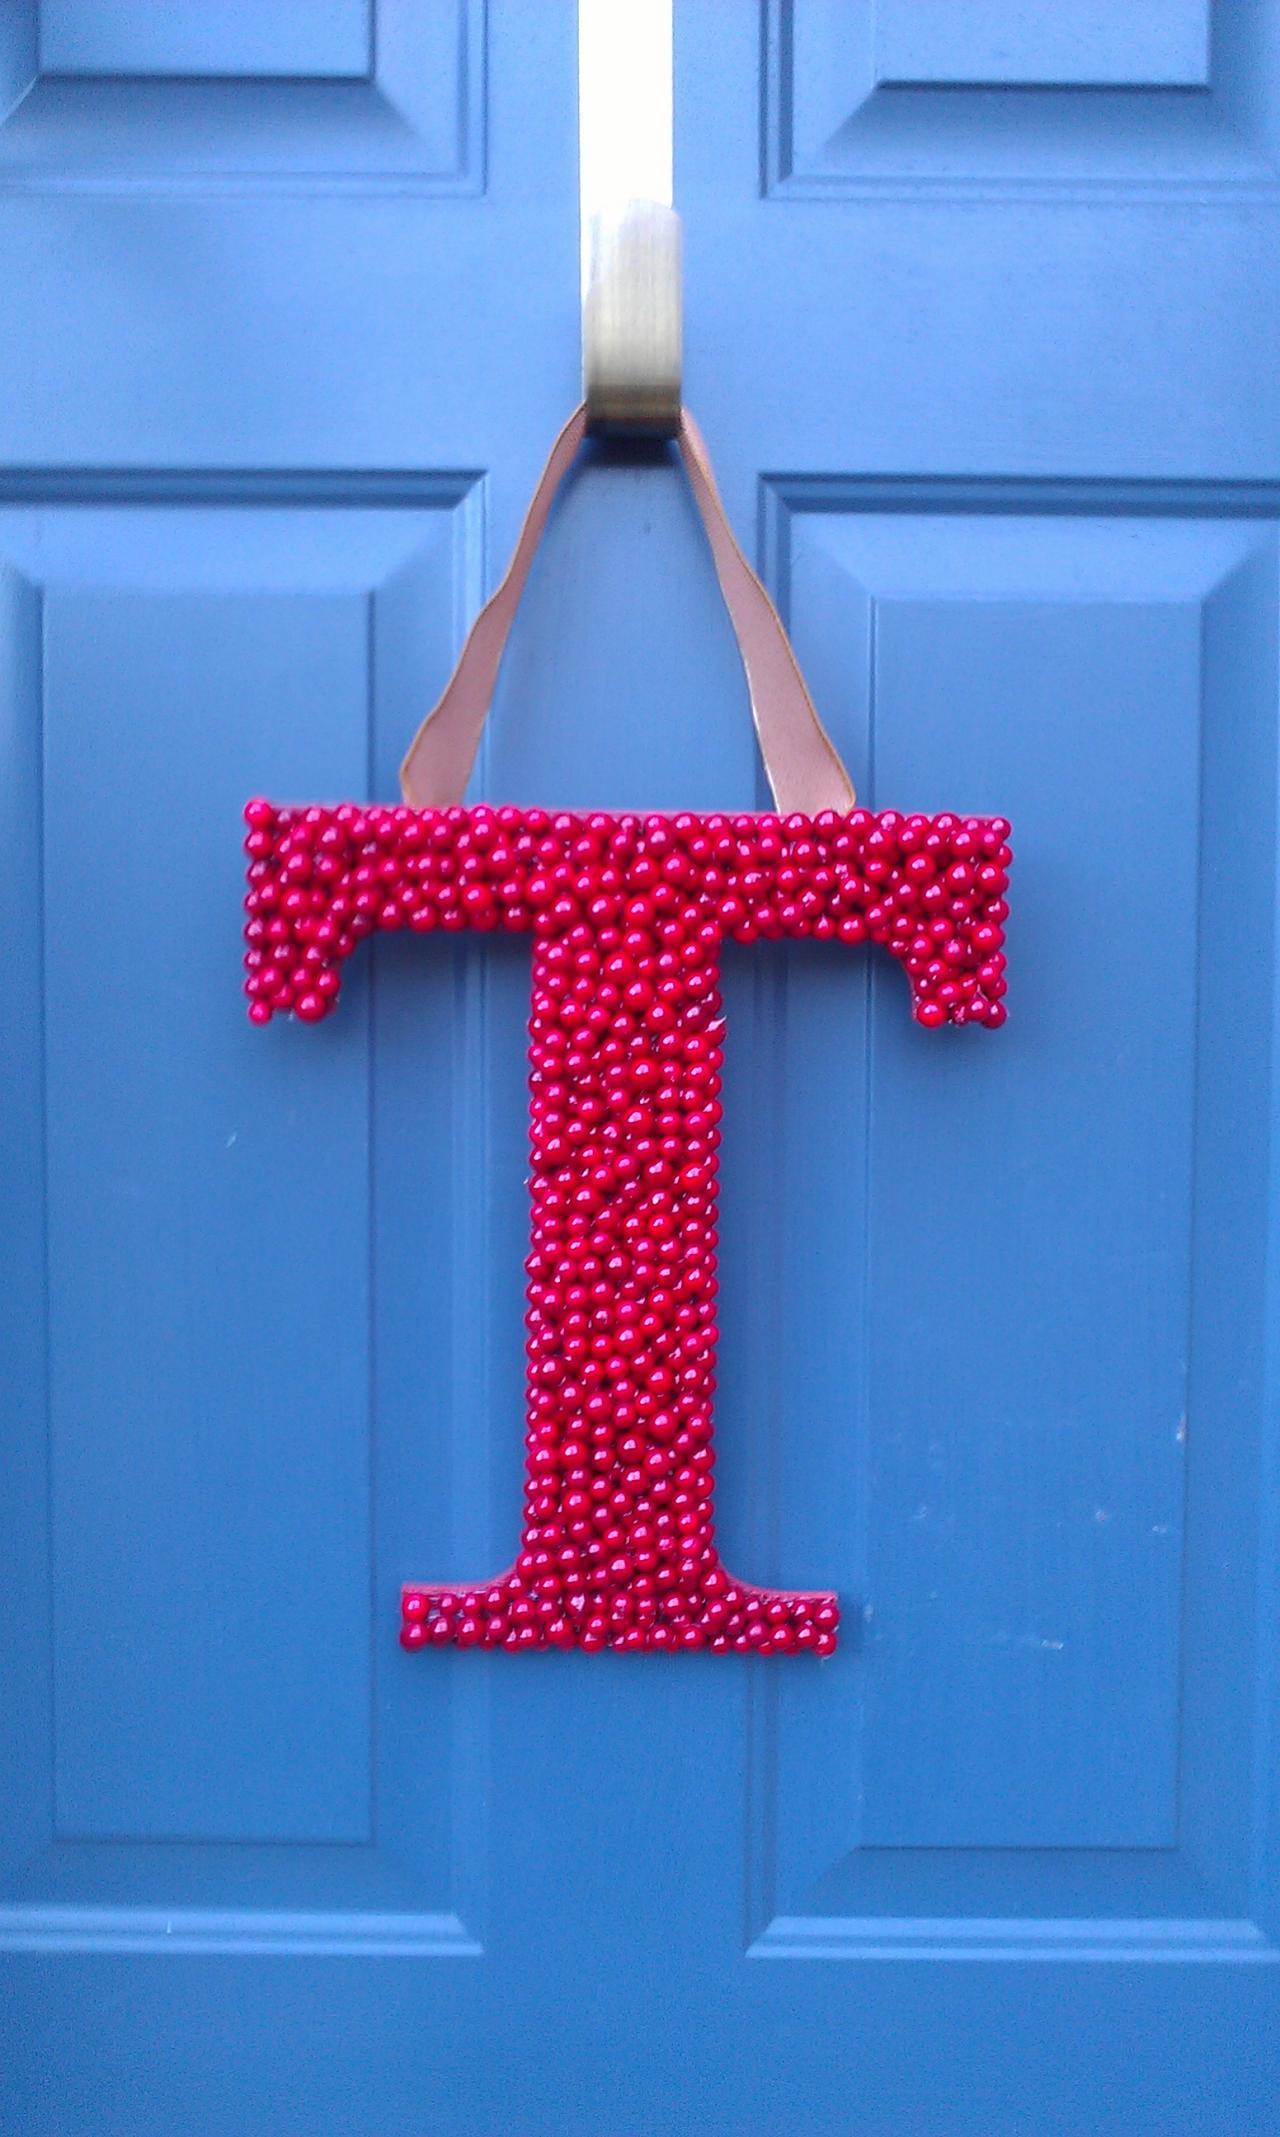 صور صور حرف t , اجمل صور للحروف الانجليزية حرفt